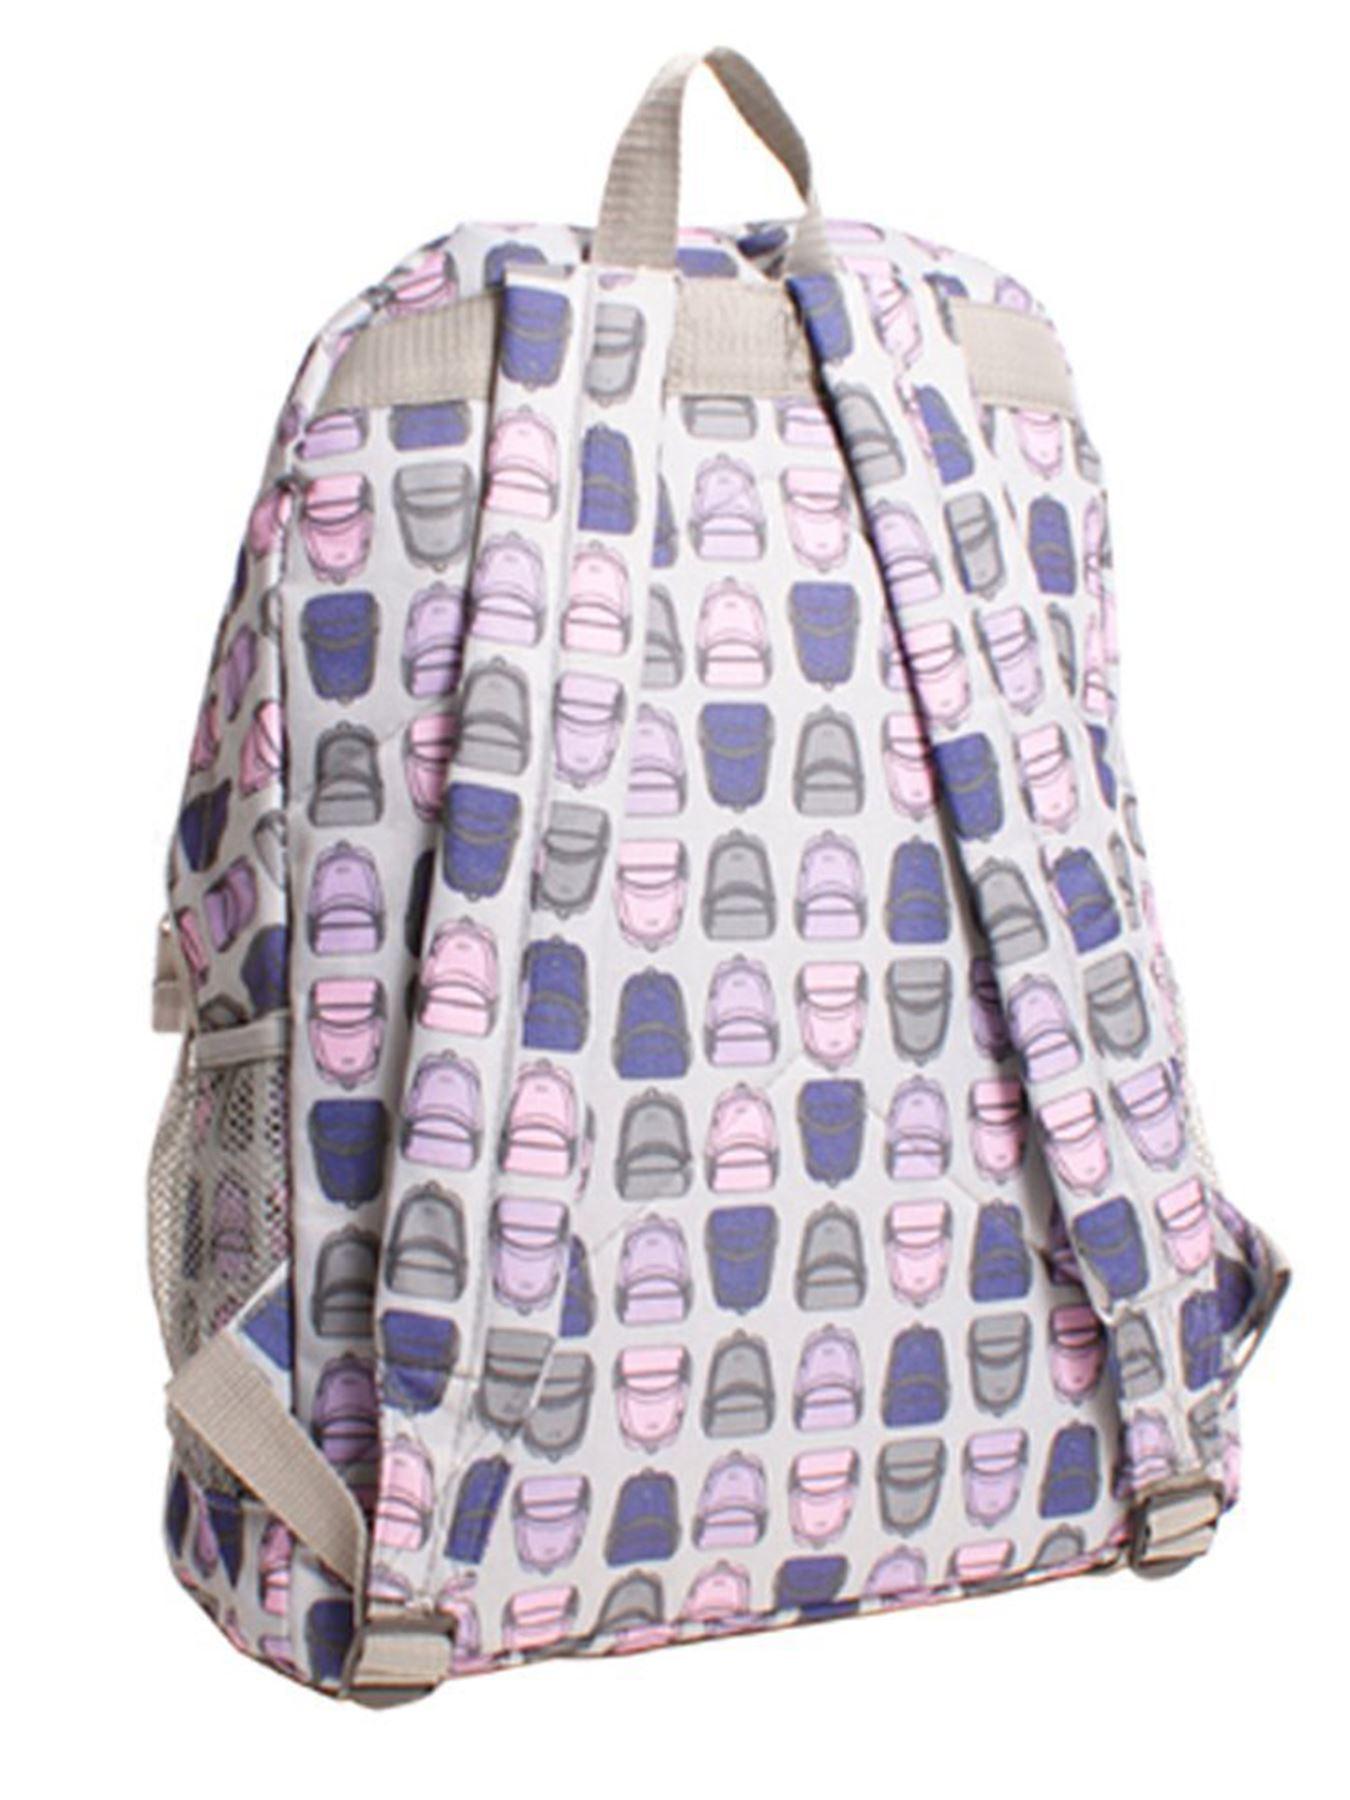 HI-TEC GIRLS LADIES FLORAL PRINT BACKPACK TRAVEL RUCKSACK SCHOOL BAG COLLEGE GYM